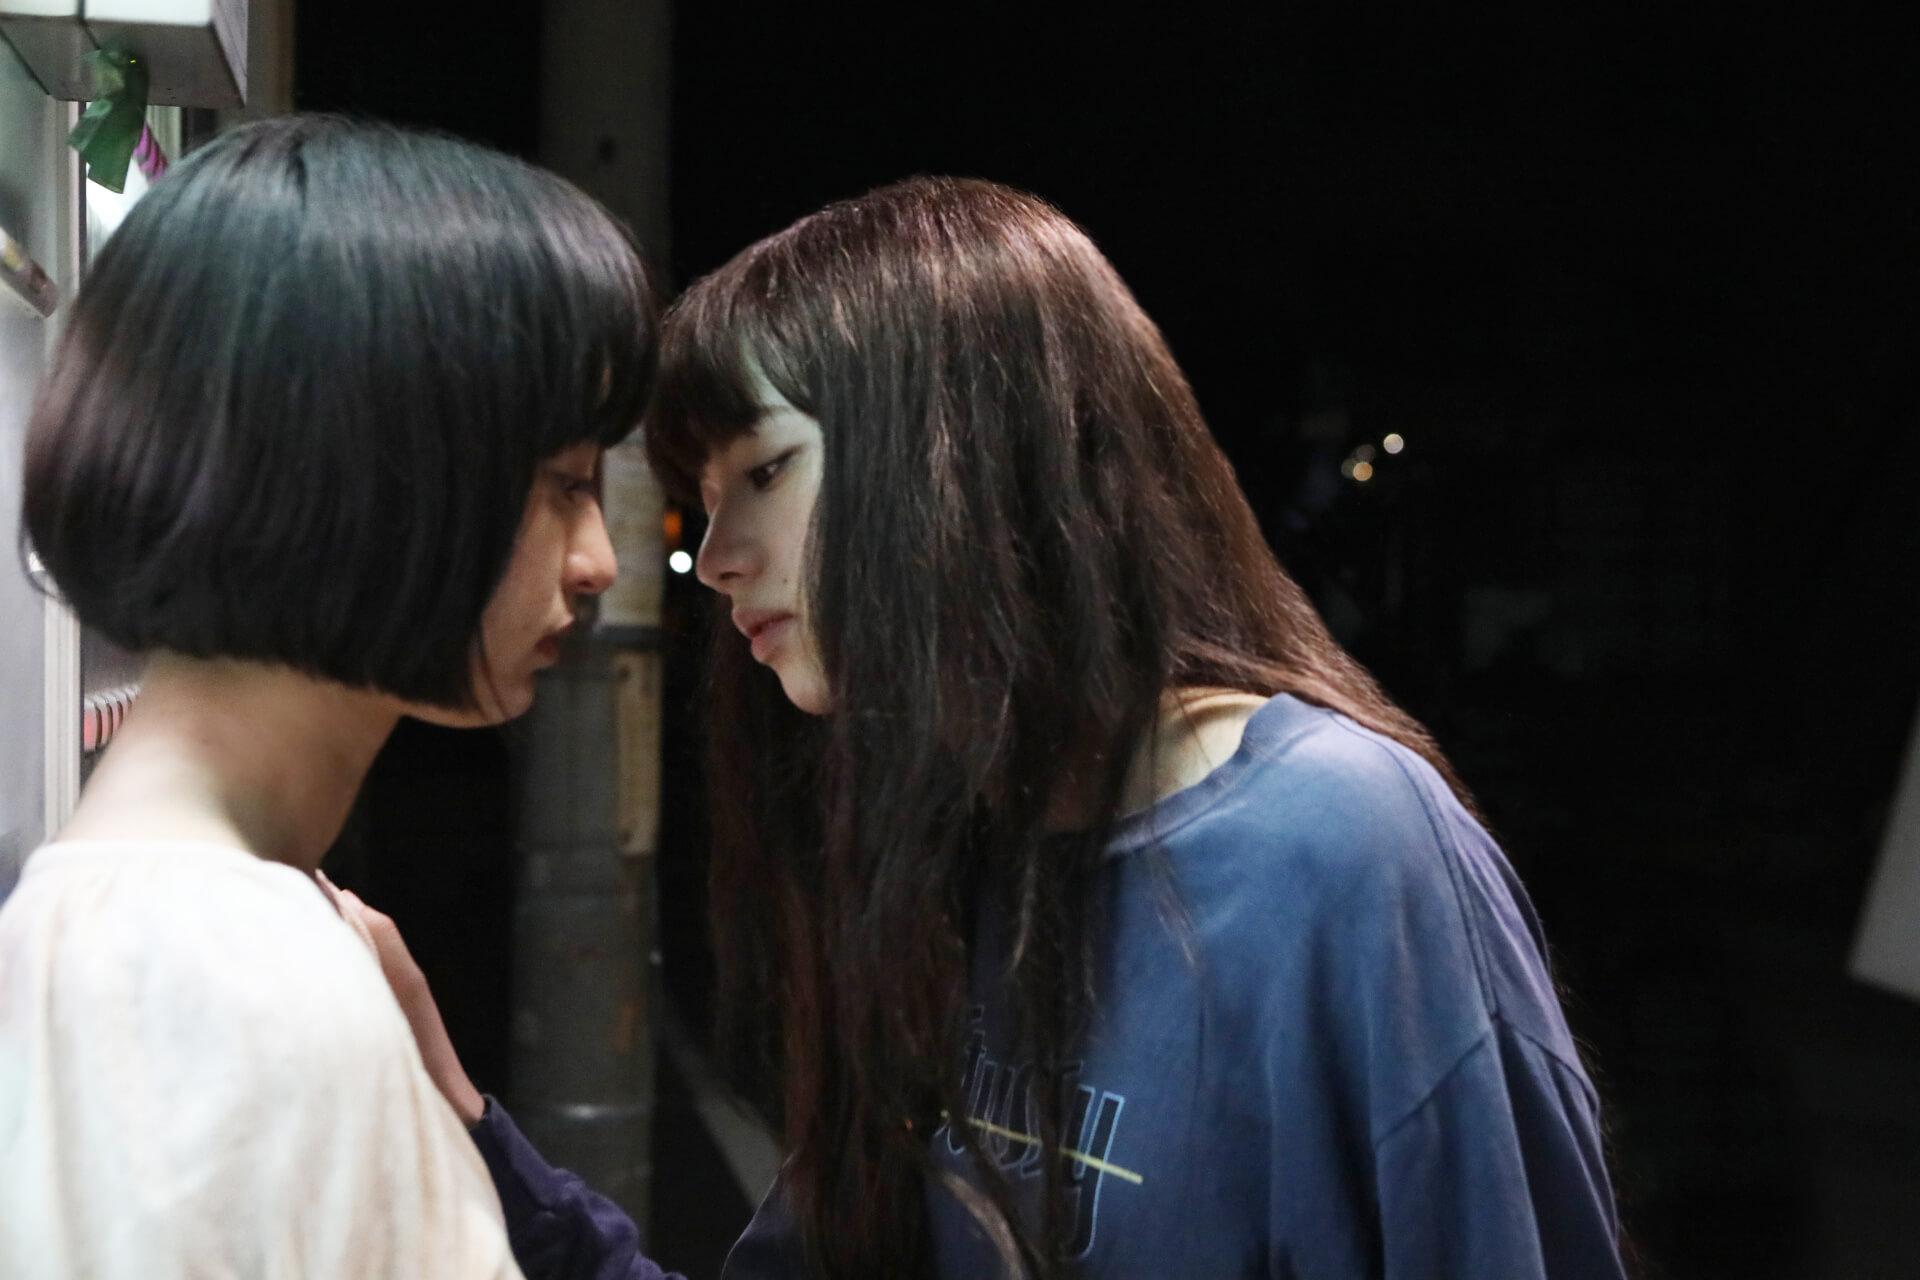 さよならくちびる_本予告映像_sayonarakuchibiru_promotionalmovie1 (2)